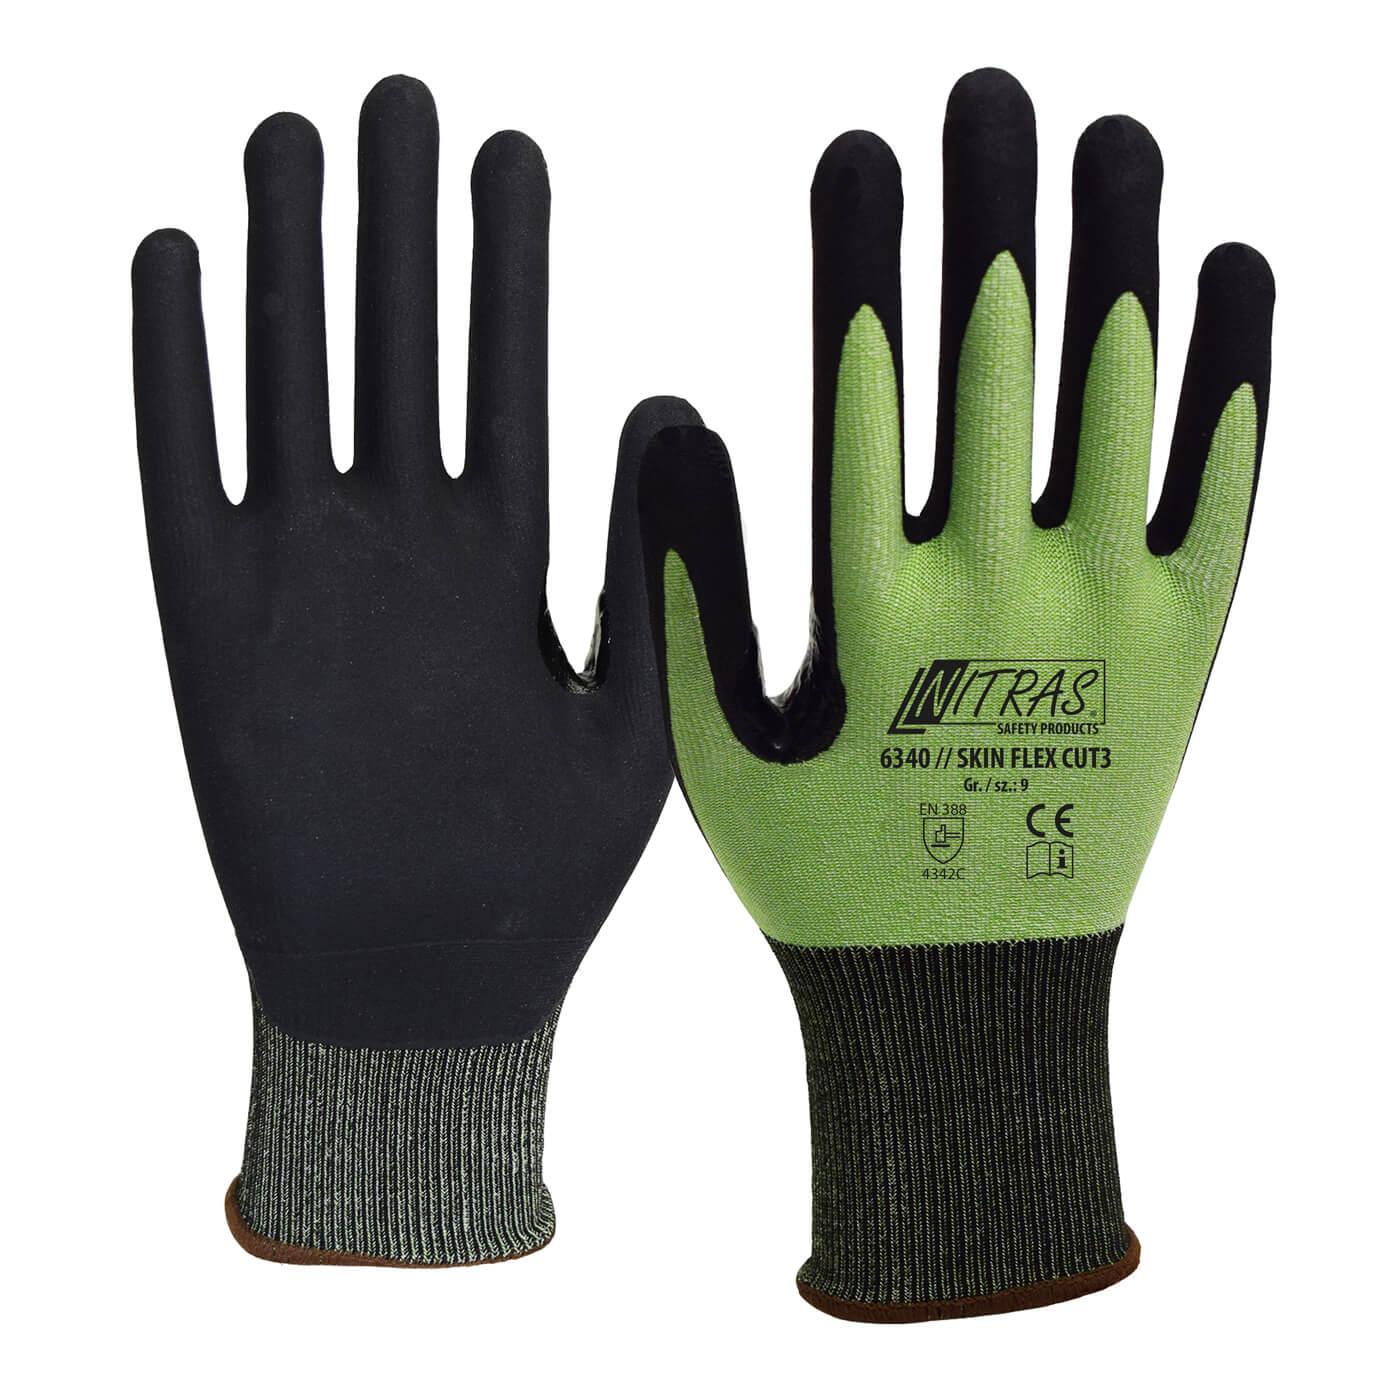 Rękawice antyprzecięciowe Nitras 6340/ SKIN FLEX CUT 3